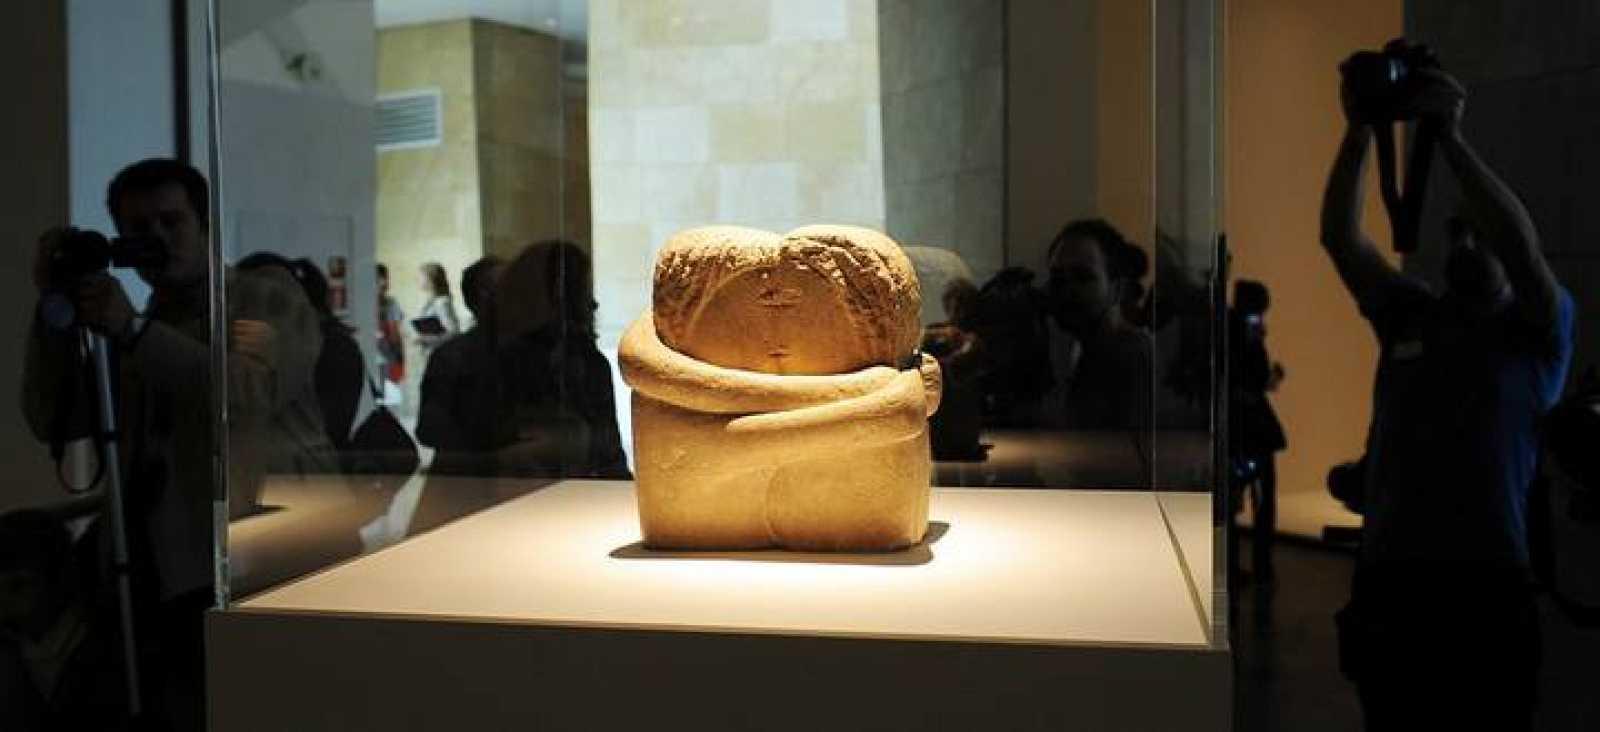 Exposición 'Brancusi-Serra' en el Guggenheim de Bilbao